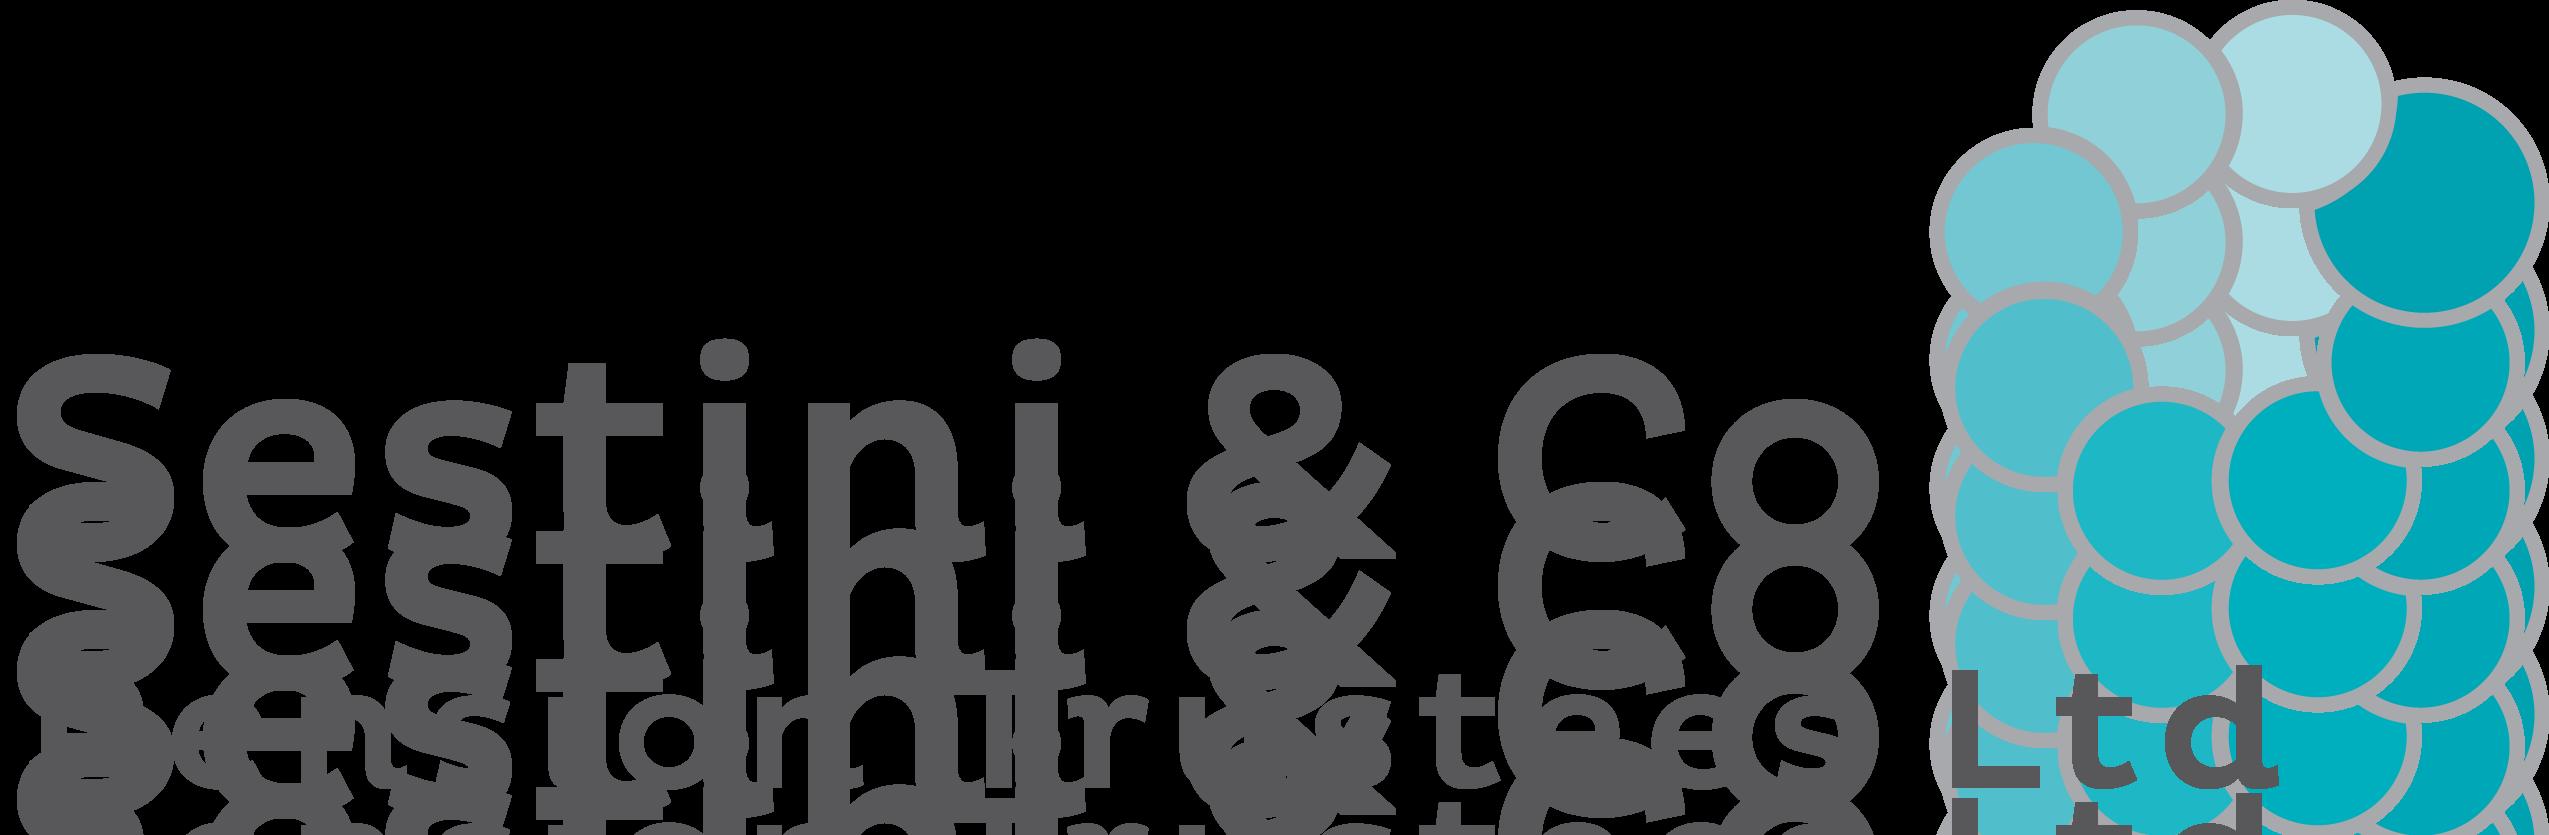 Sestini & Co Pension Trustees Ltd logo